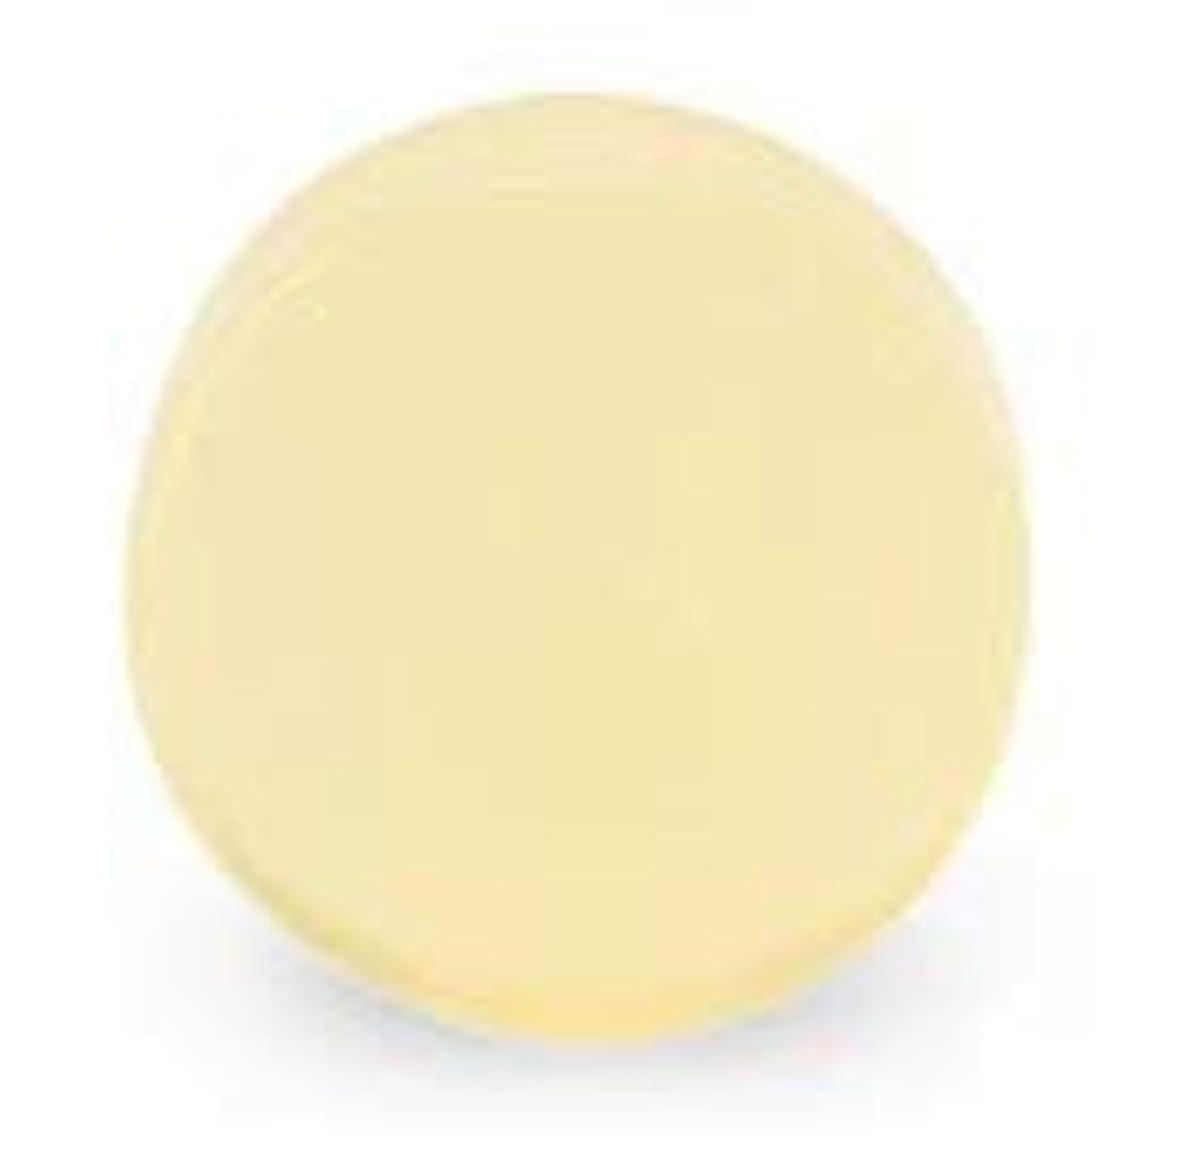 上陸不適マグリマナチュラル LIMANATURAL カメリアビューティーソープ ソープ 石鹸 スキンケア ボディケア オーガニック マクロビオテック ナチュラル化粧品